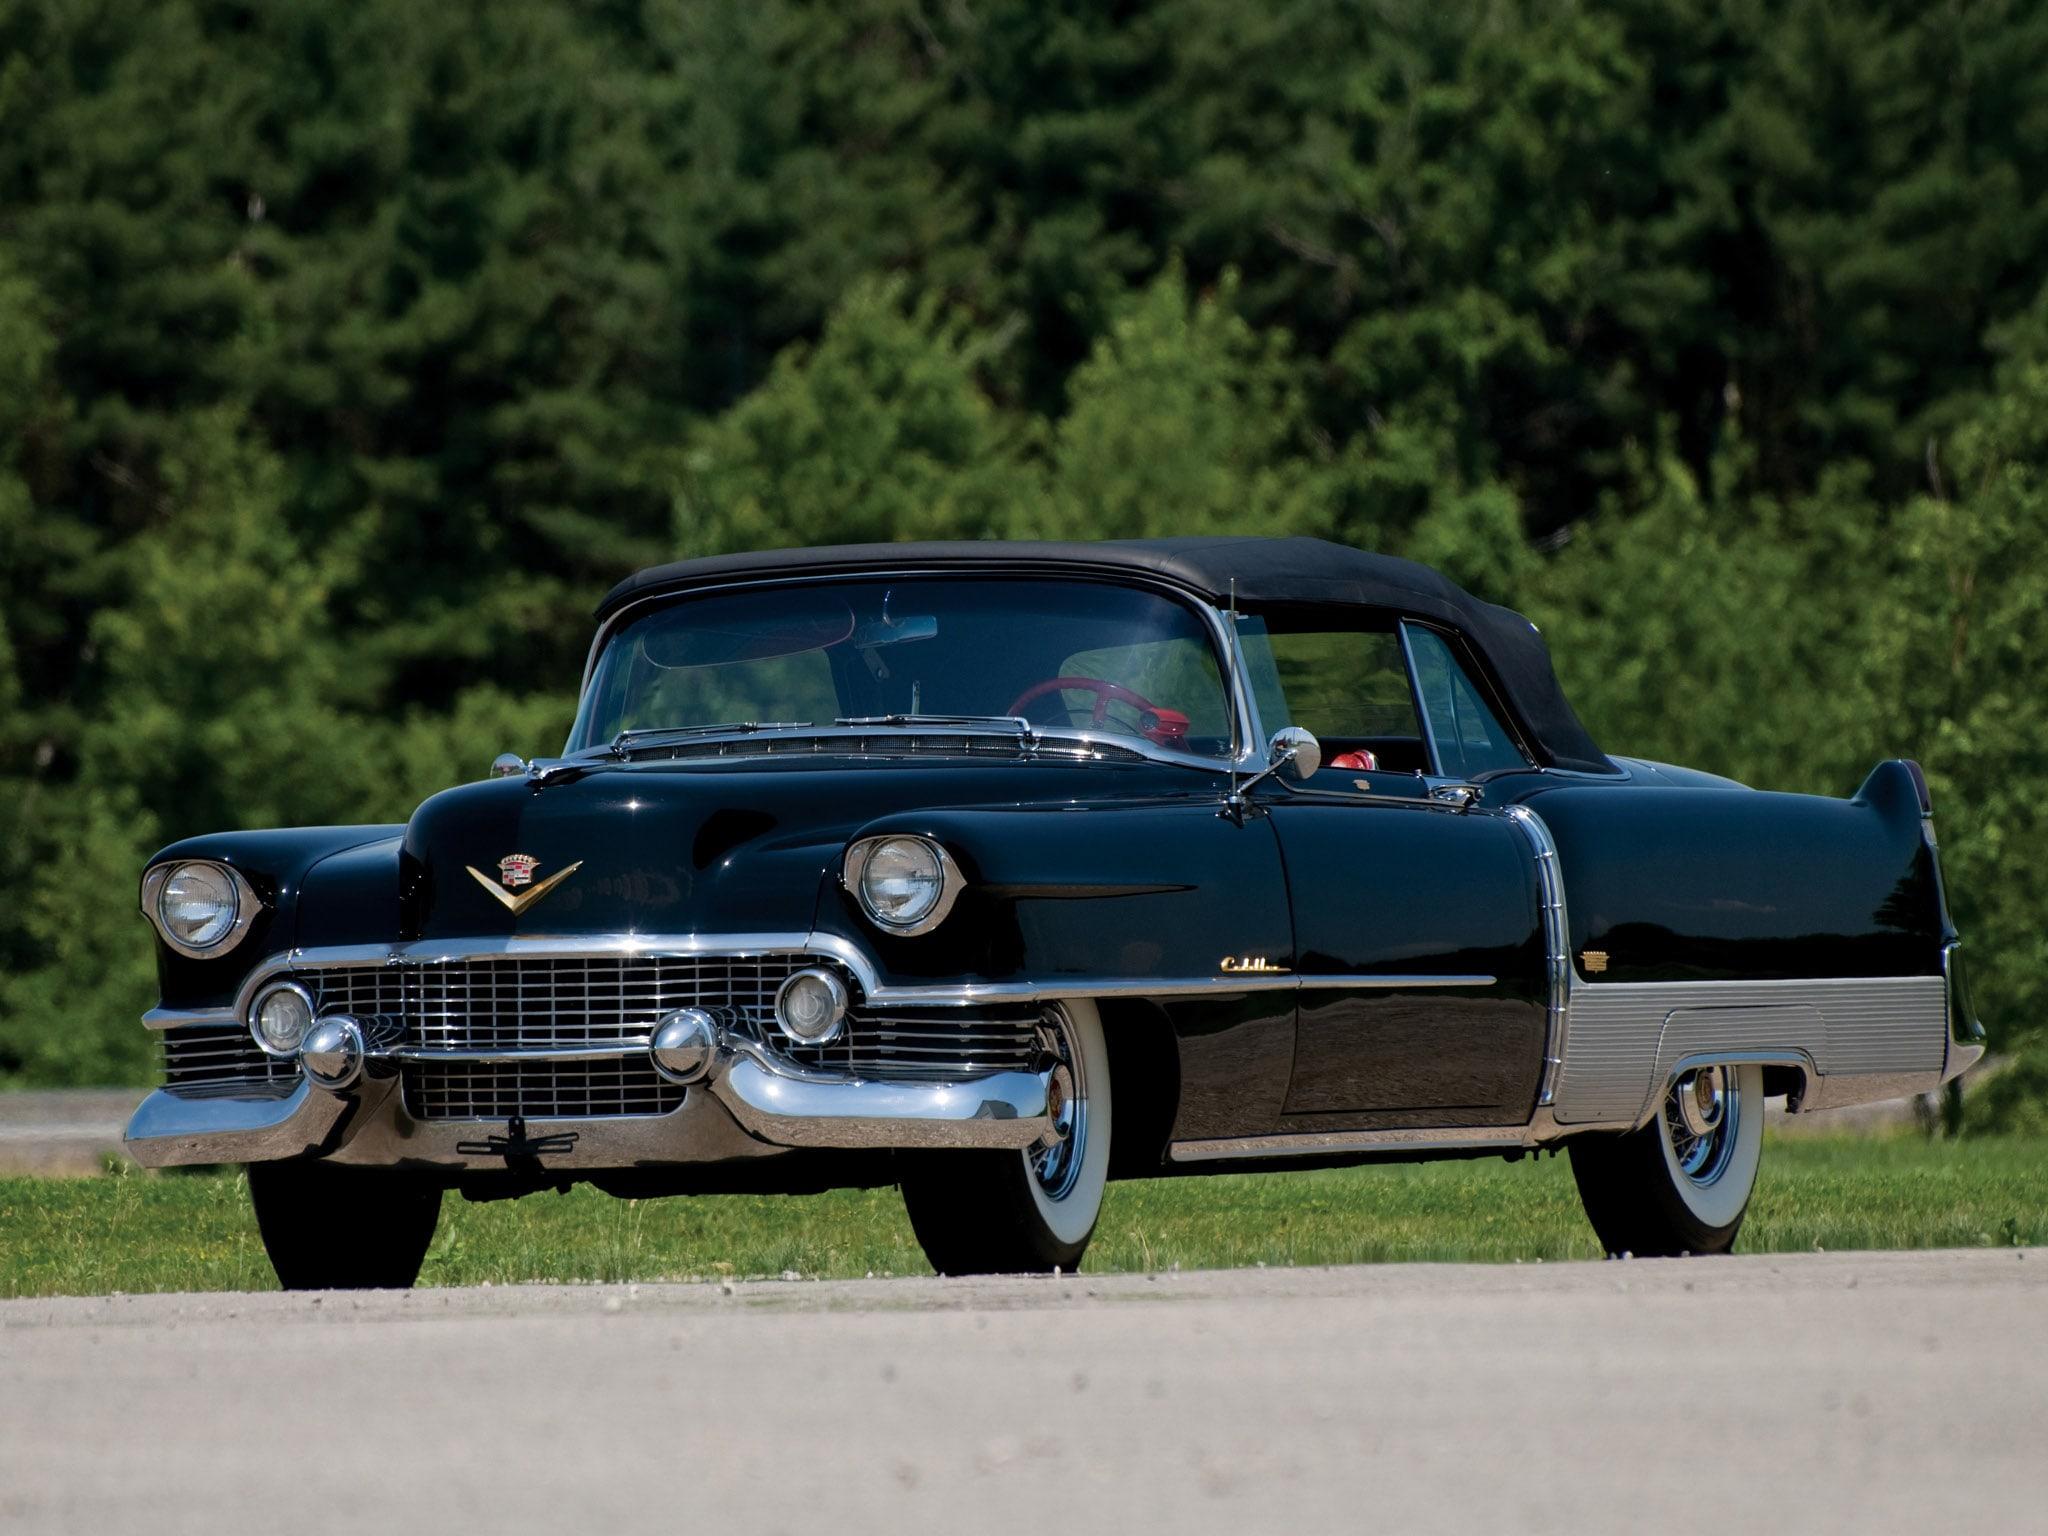 1954 Cadillac Eldorado Hd Desktop Wallpapers Sedan Deville Widescreen Pictures